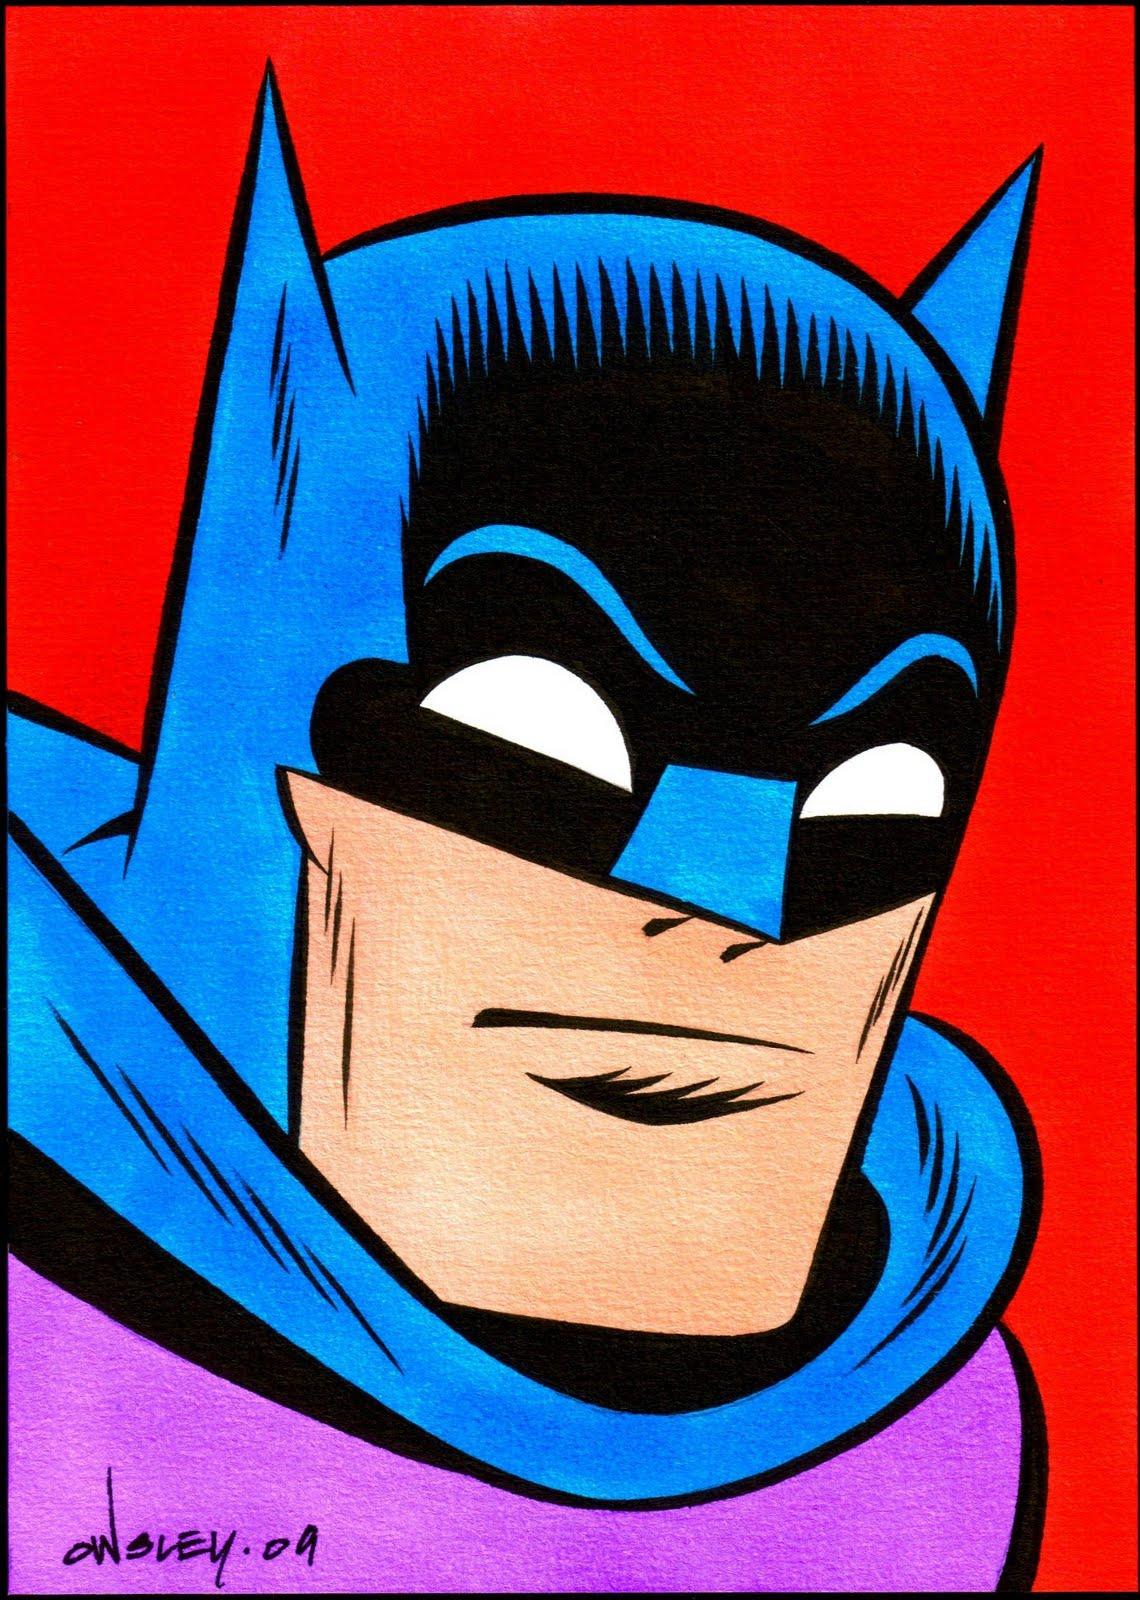 Картинка бэтмена прикольная